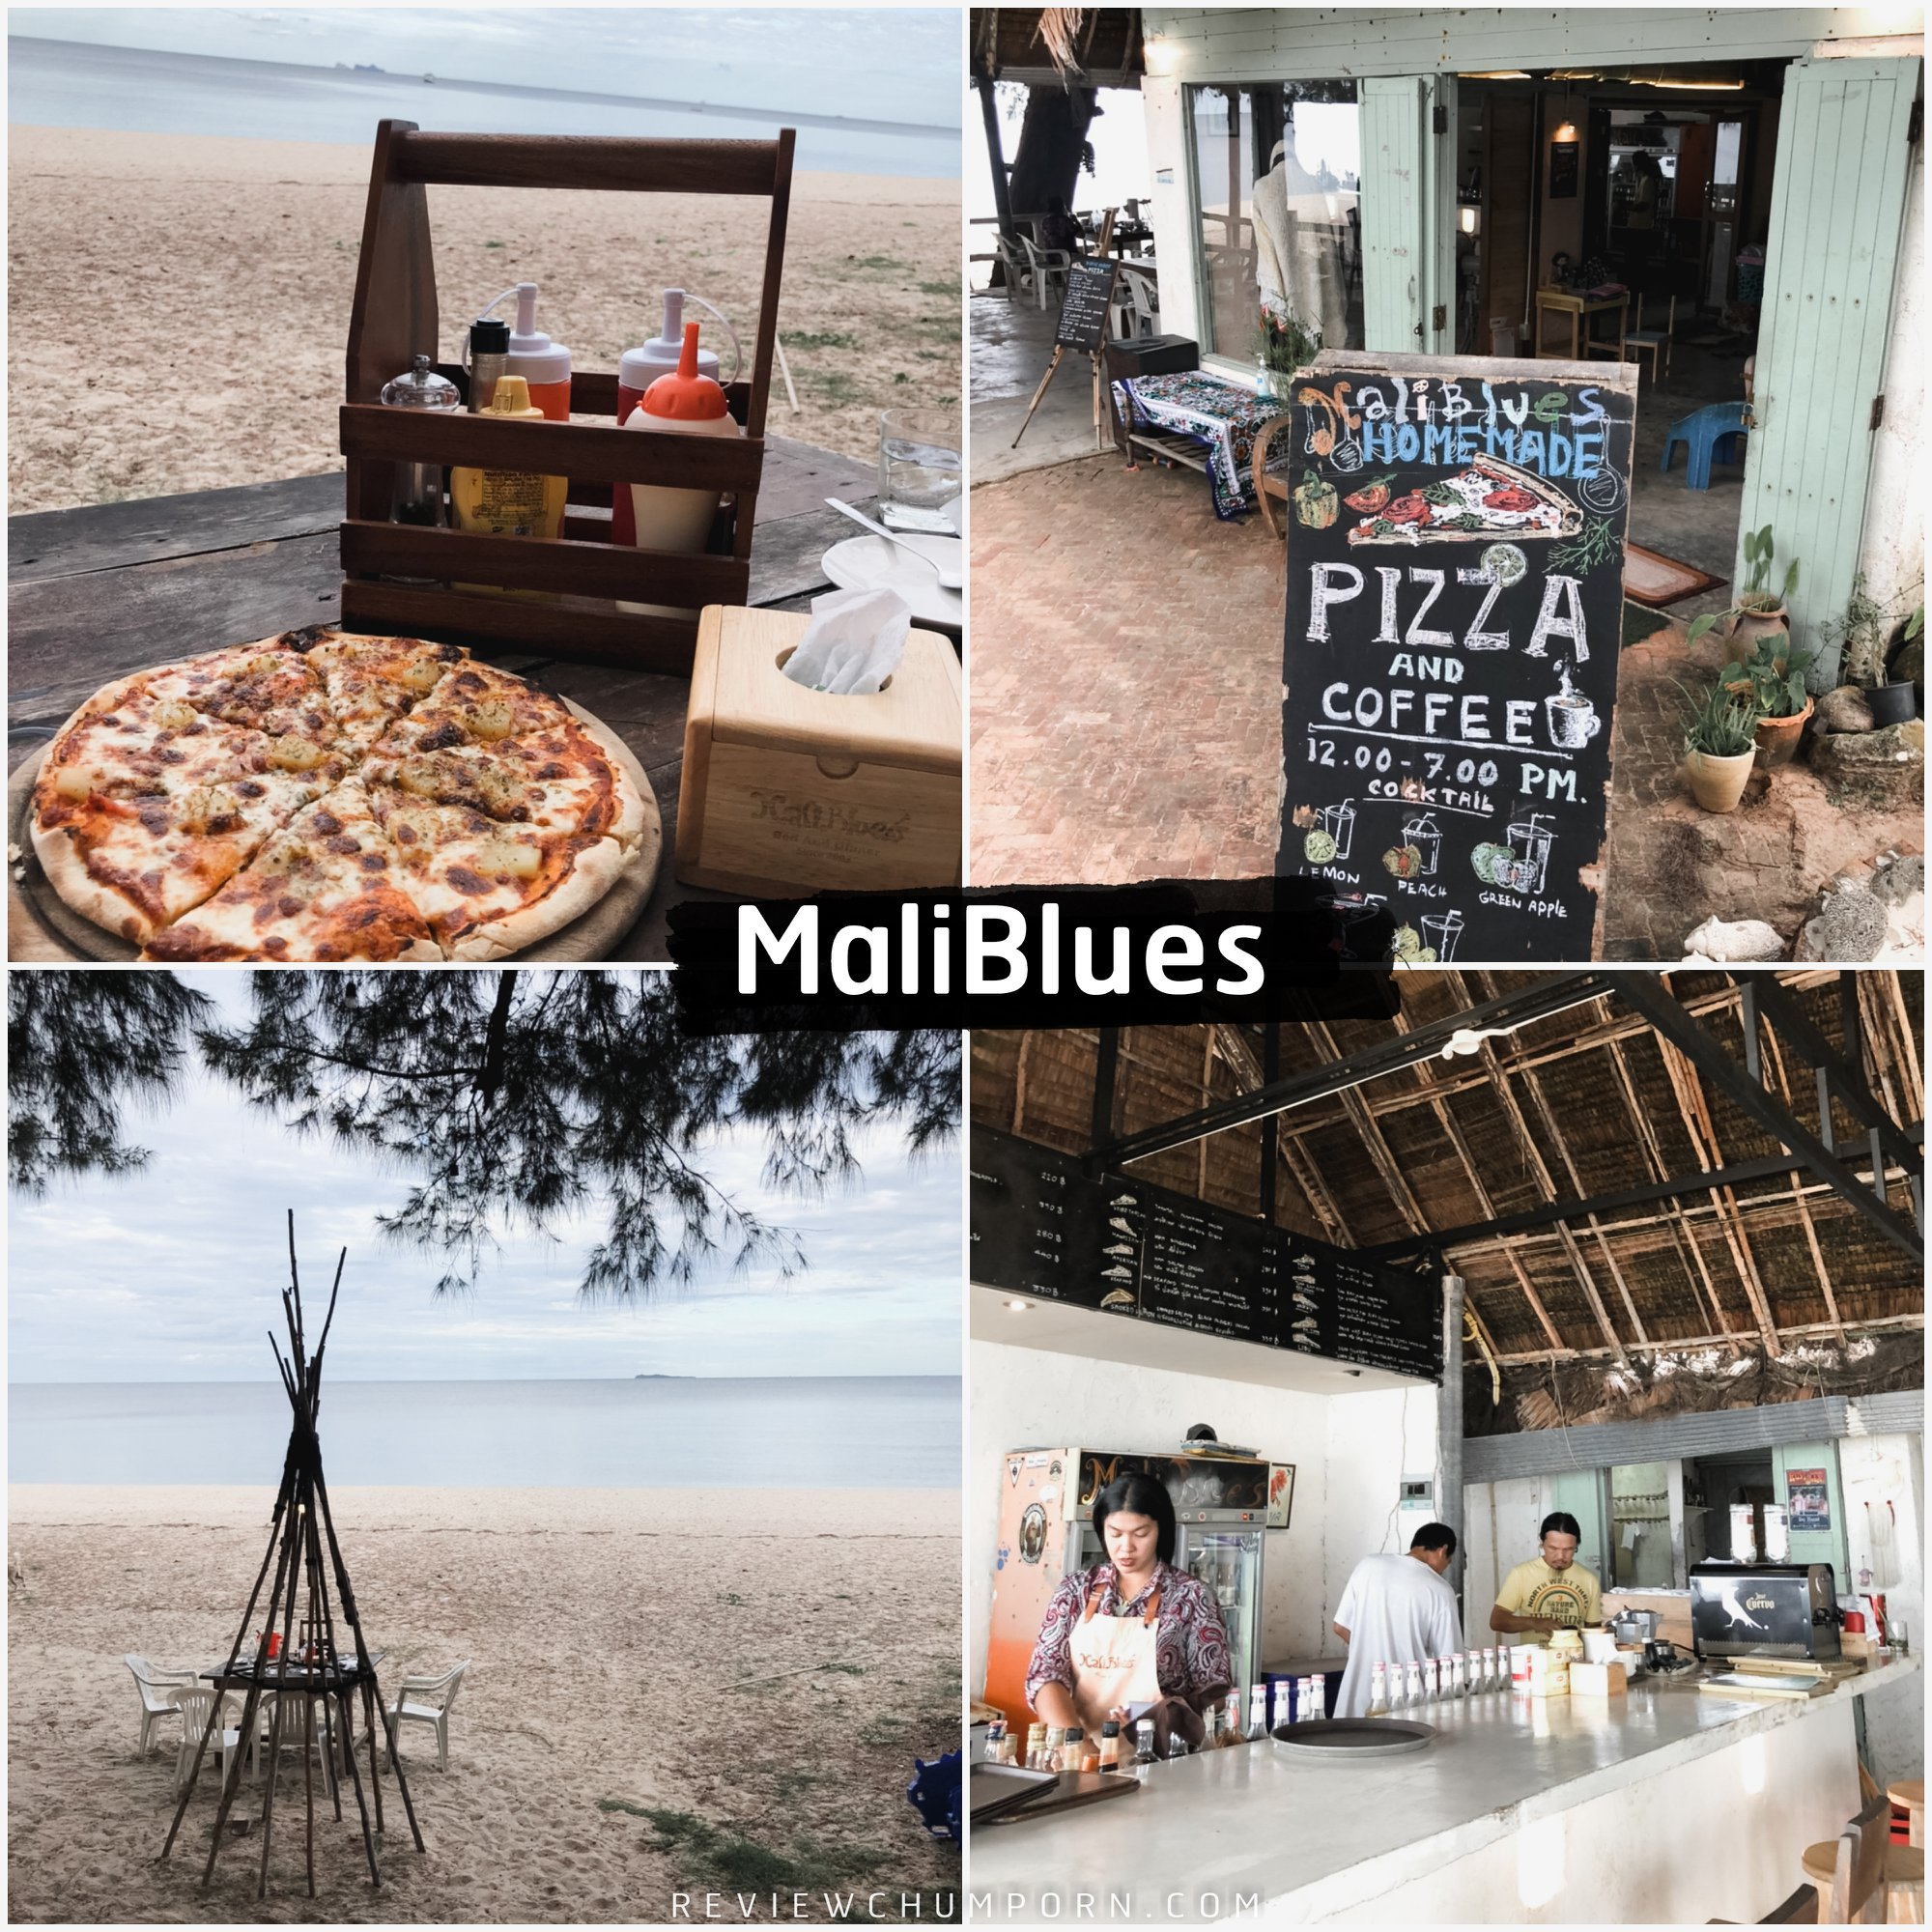 ร้าน-Maliblues-Bar-วิวหลักล้านราคาหลักร้อยติดหาดริมทะเลมากับเมนูพิซซ่าสูตรเด็ดจากทางร้าน คลิกที่นี่ ชุมพร,จุดเช็คอิน,สถานที่ท่องเที่ยว,ของกิน,ร้านอาหาร,คาเฟ่